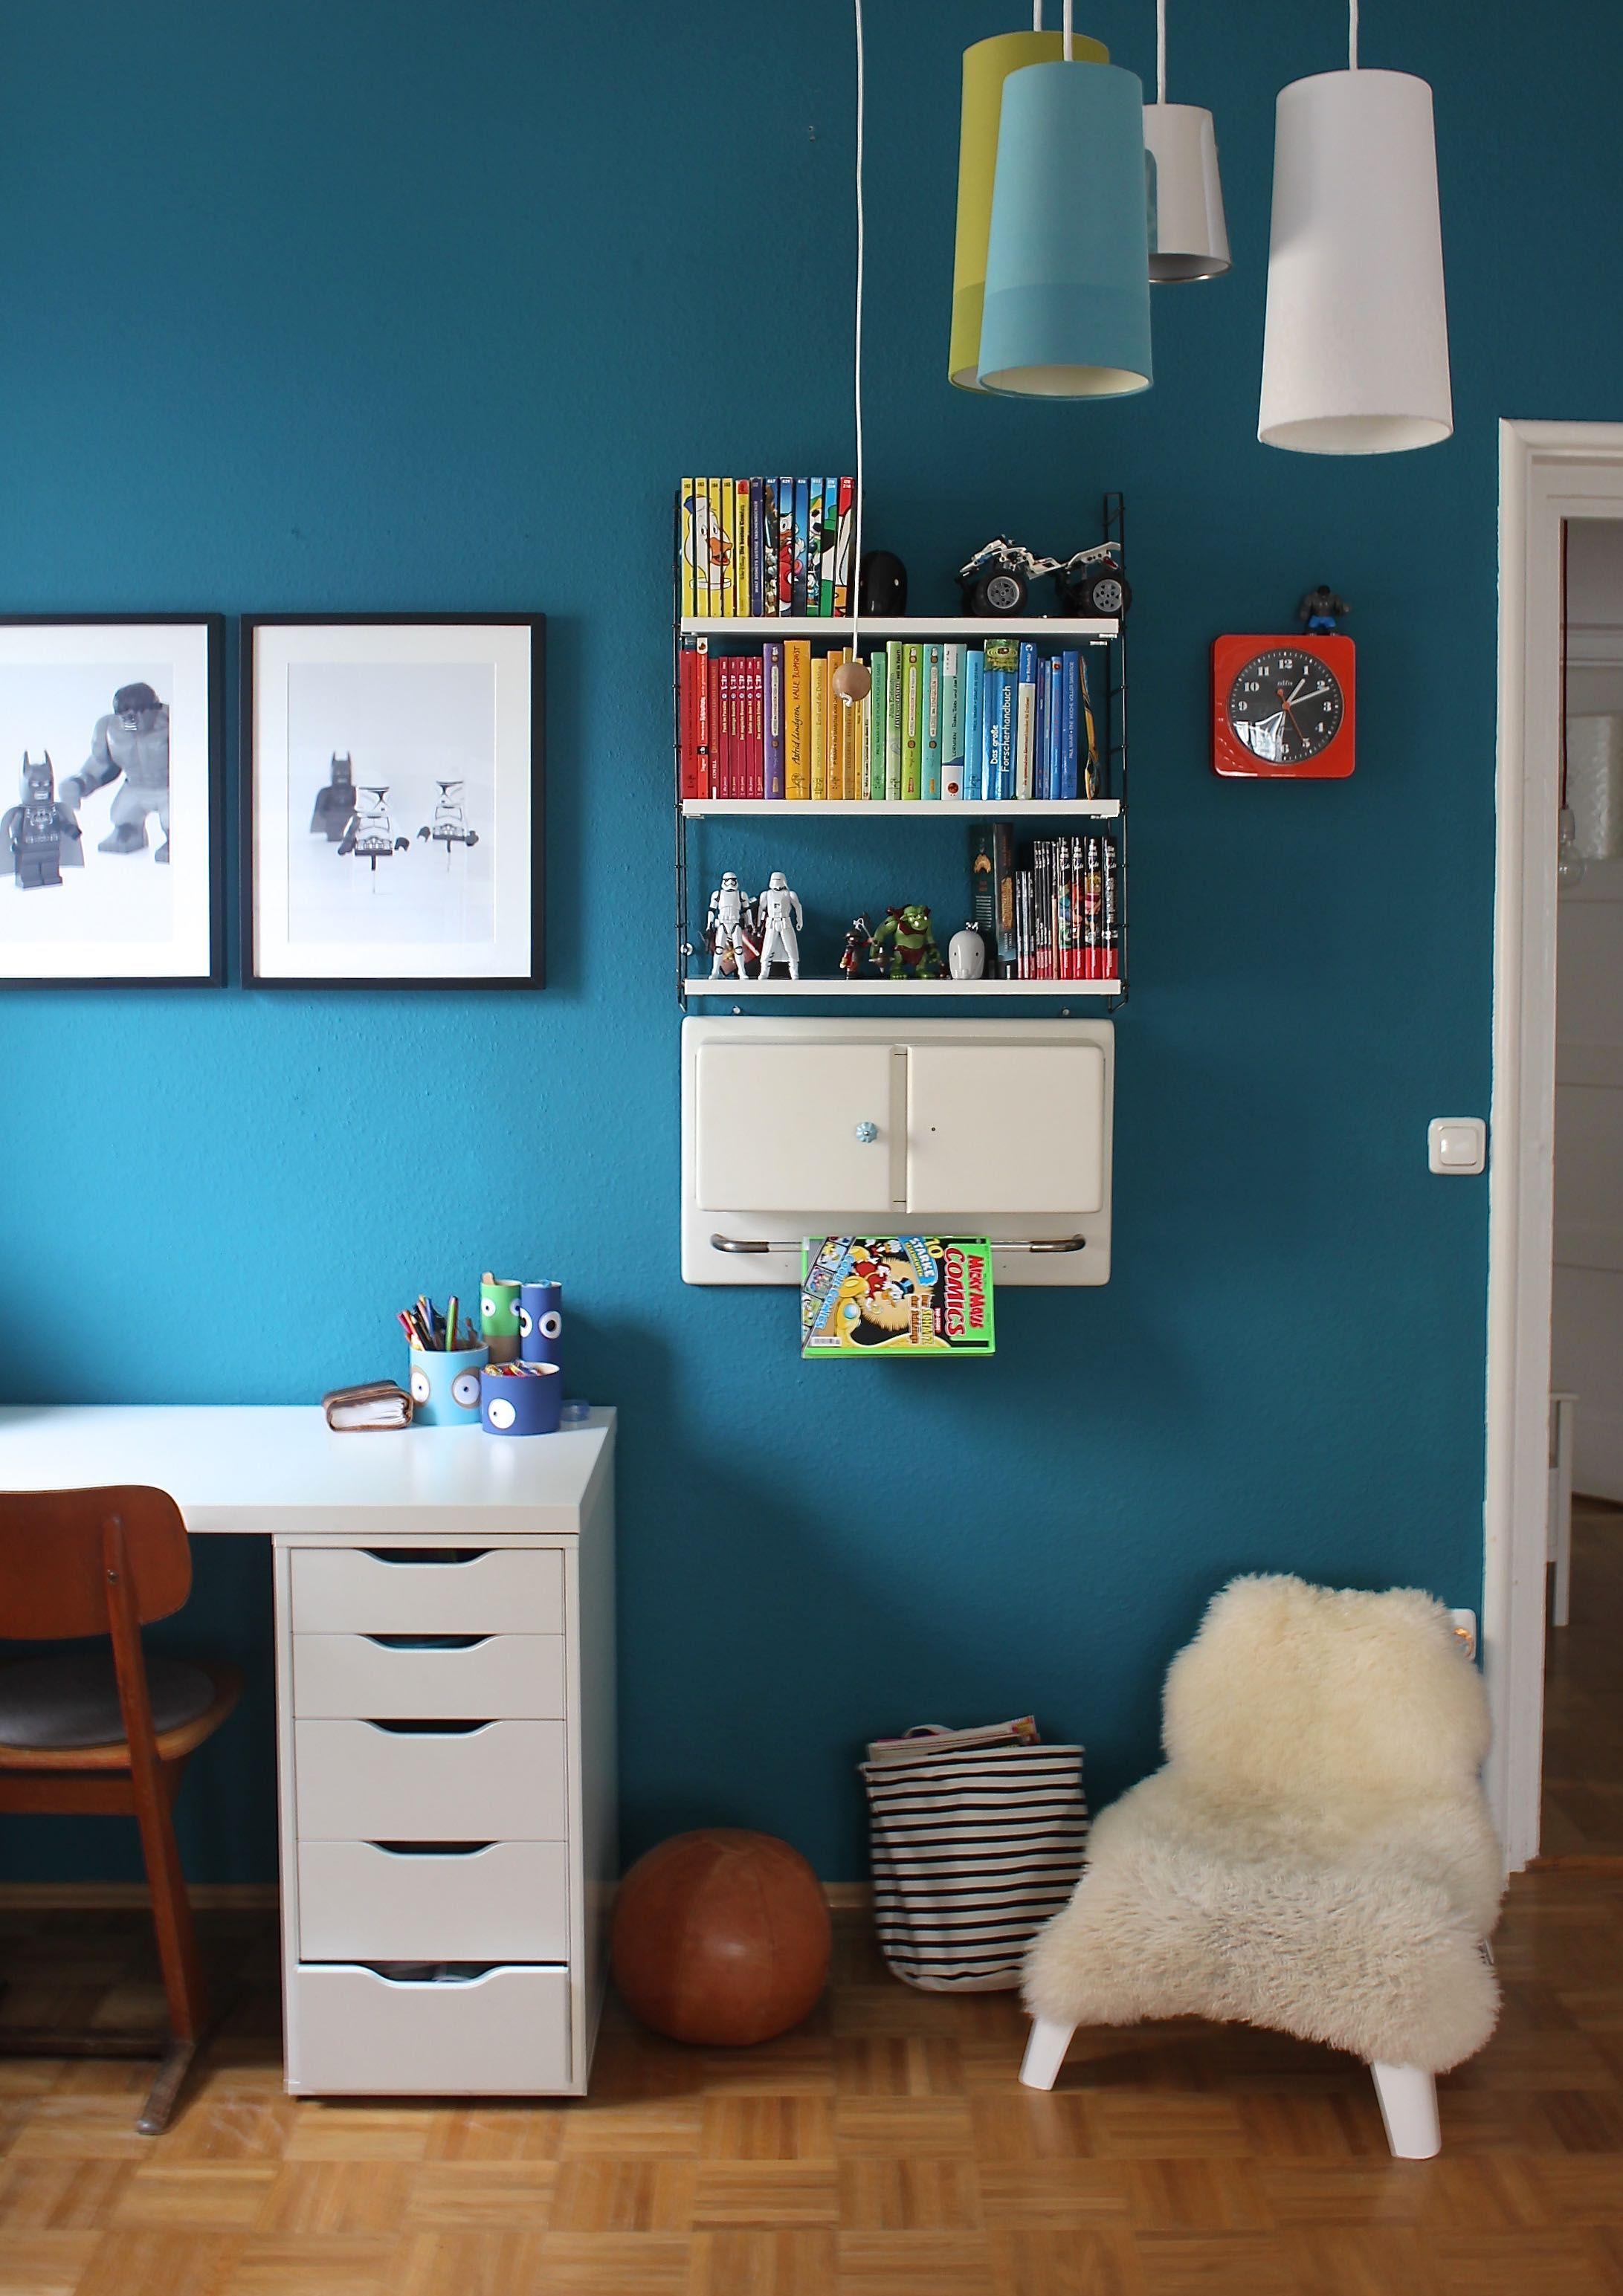 Farbe an die Wand | Kinderzimmer | Pinterest | Farbige wände, Ich ...